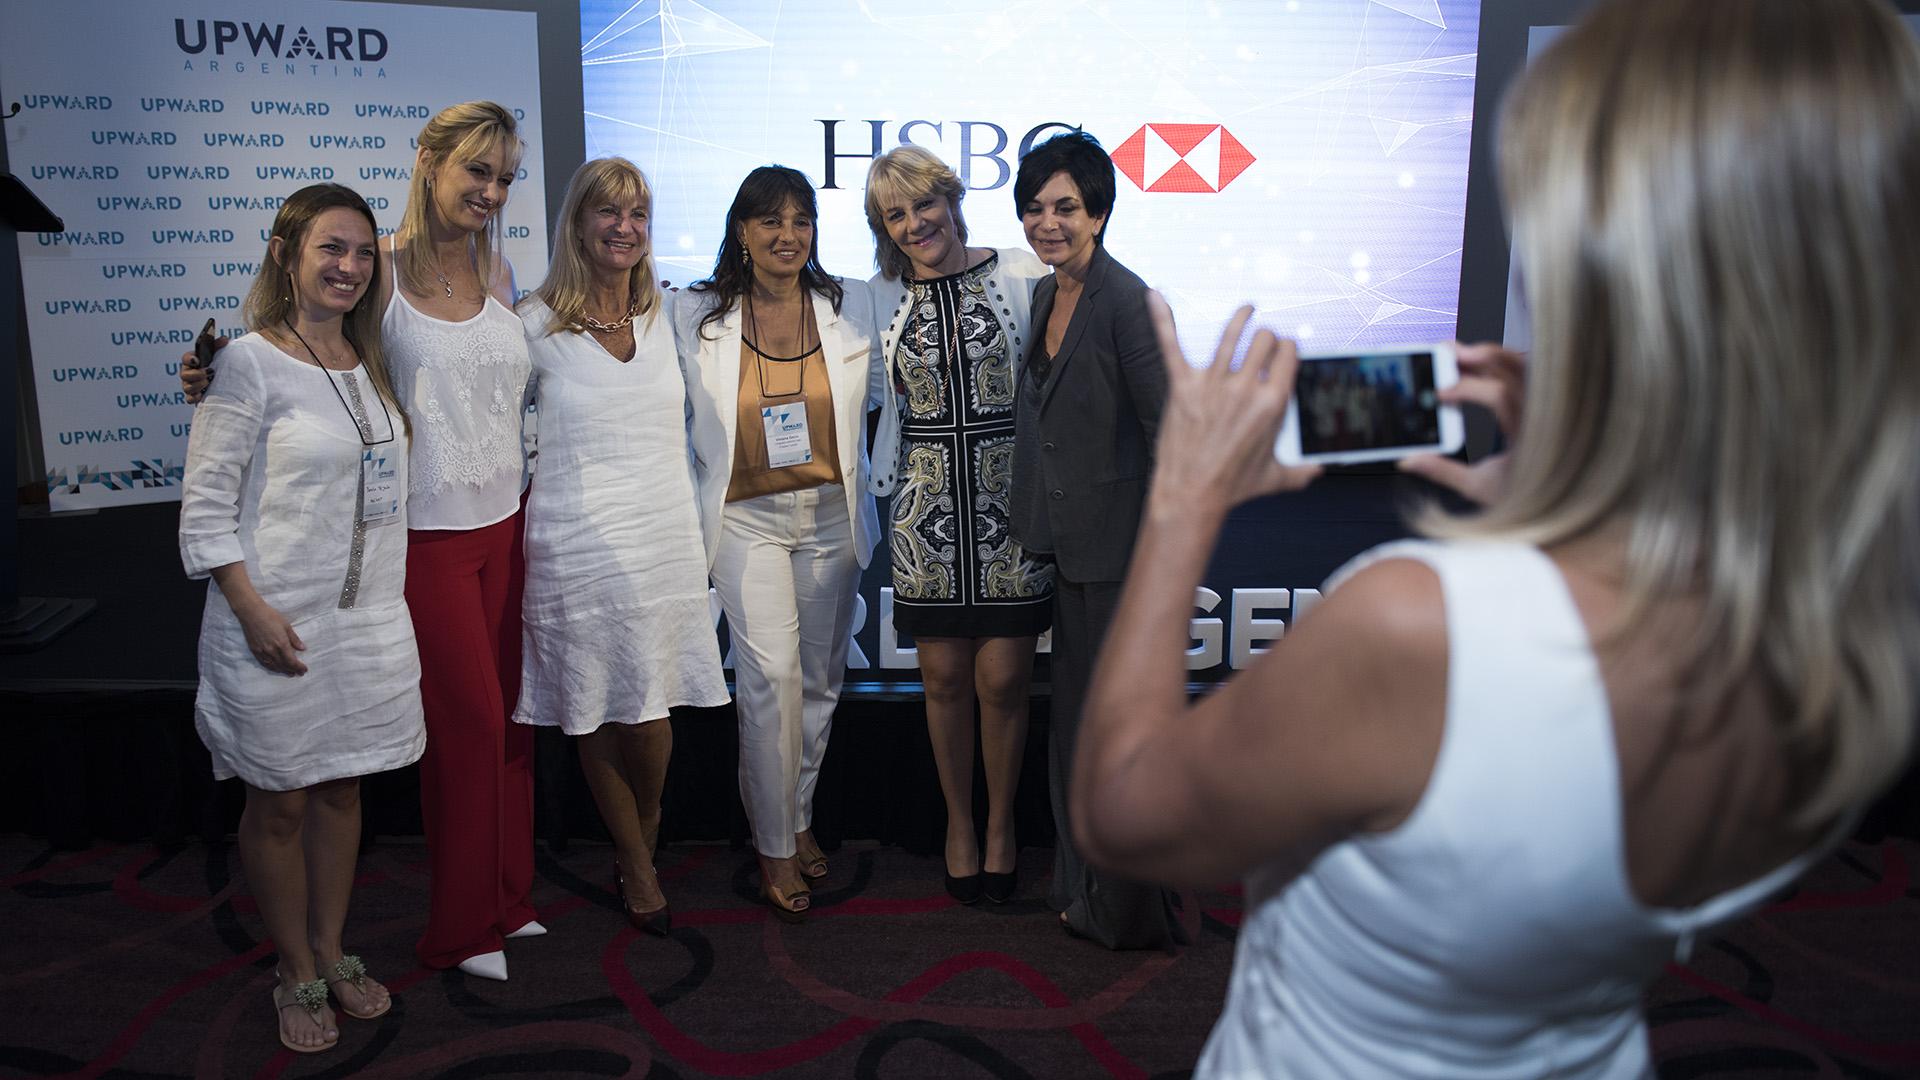 Yamila Tejada, Karin Cohen, Inés Durbano, Viviana Zocco, Alejandra Rafuls, Mónica Gutiérrez